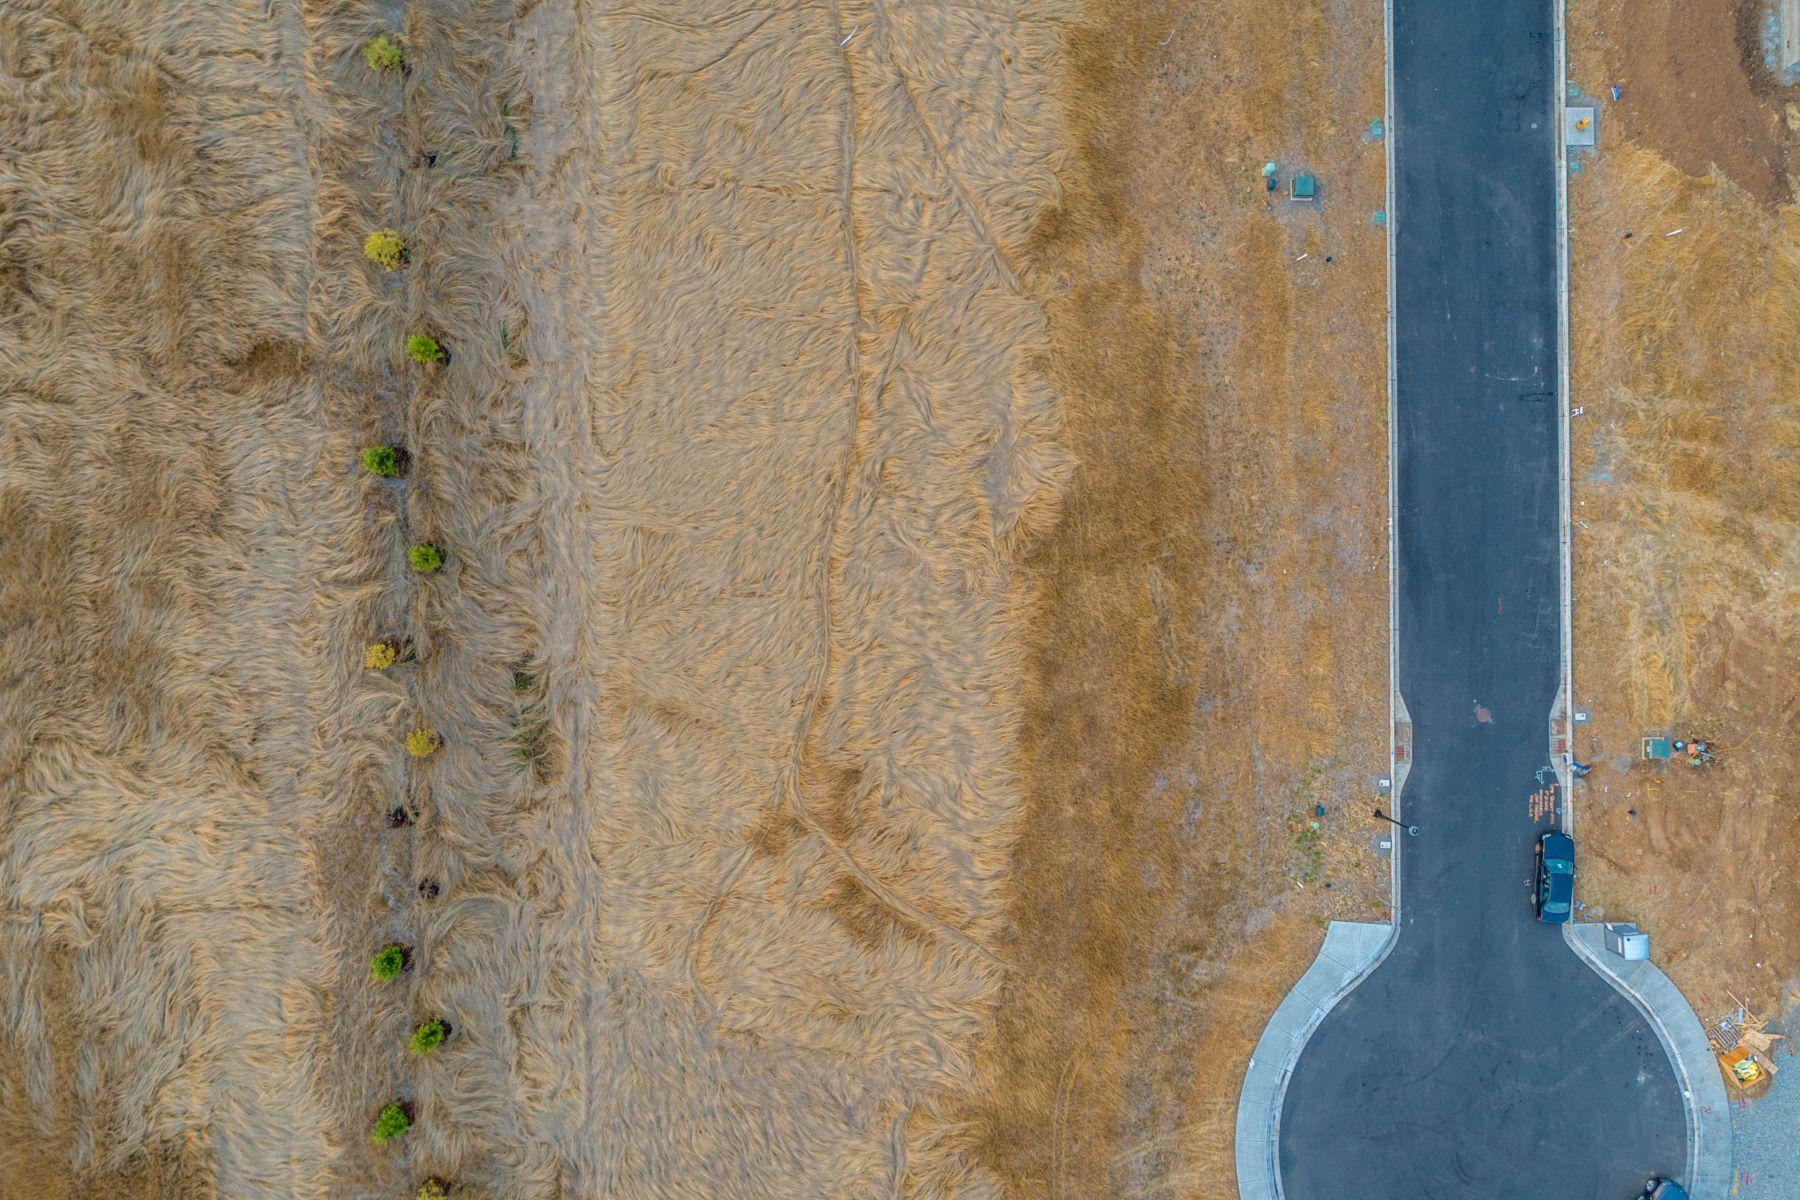 Đất đai vì Bán tại 3428 NW McMaster ST 25 Camas, WA 98607 Camas, Washington 98607 Hoa Kỳ